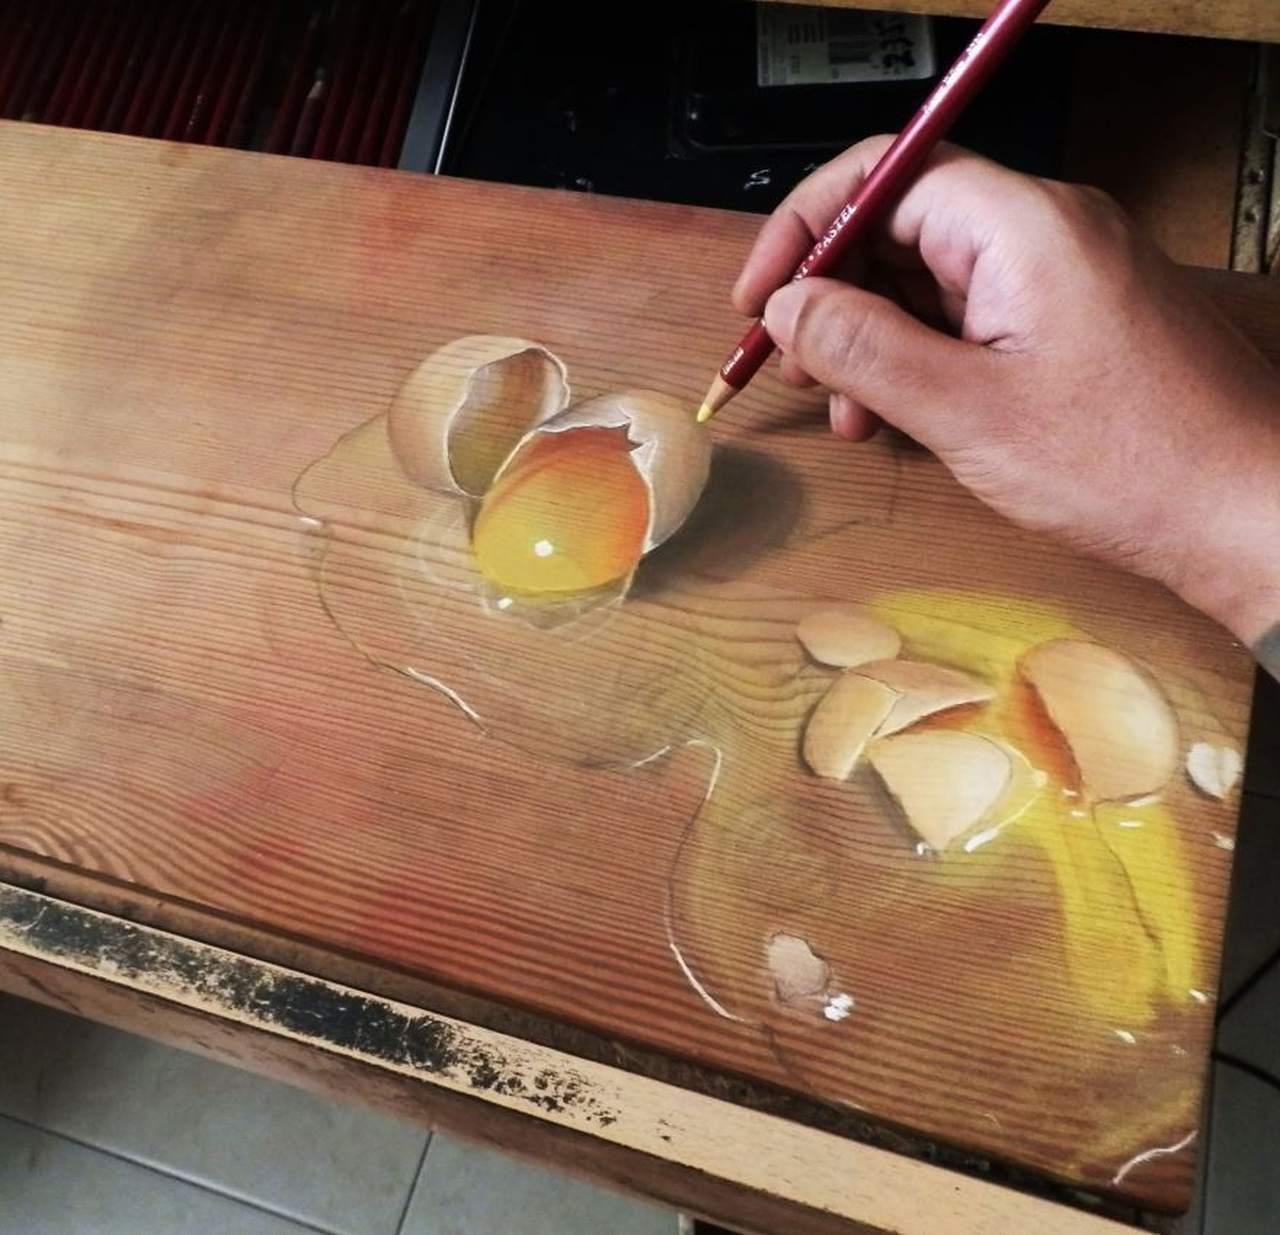 Il fascino intramontabile delle illusioni ottiche - Ivan Hoo 21173447-le-illusioni-di-Ivan-Hoo-2